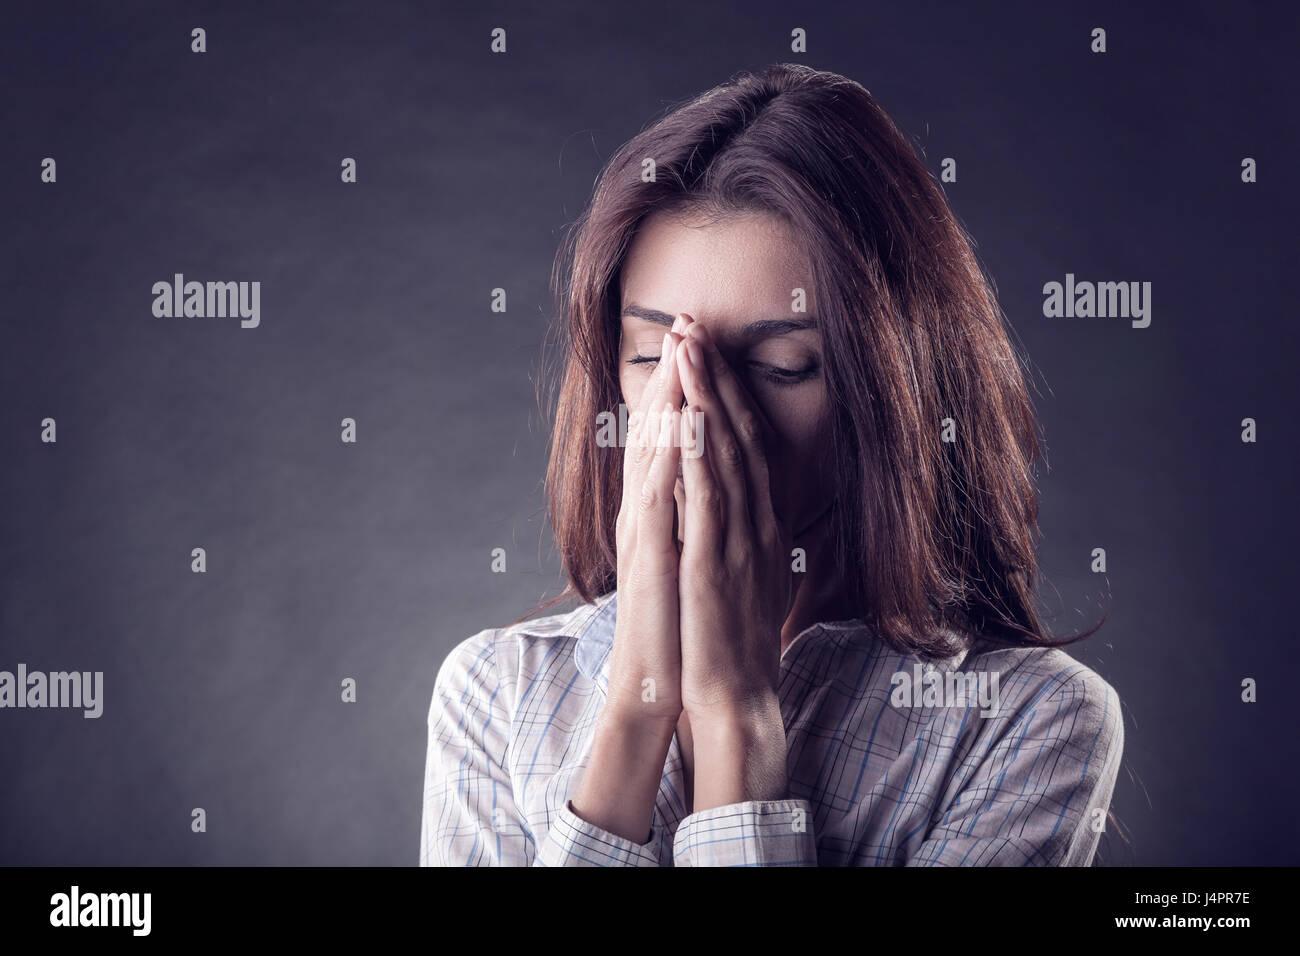 Junge Frau, die weint Gesicht in seinen Händen auf einem schwarzen Hintergrund Stockfoto